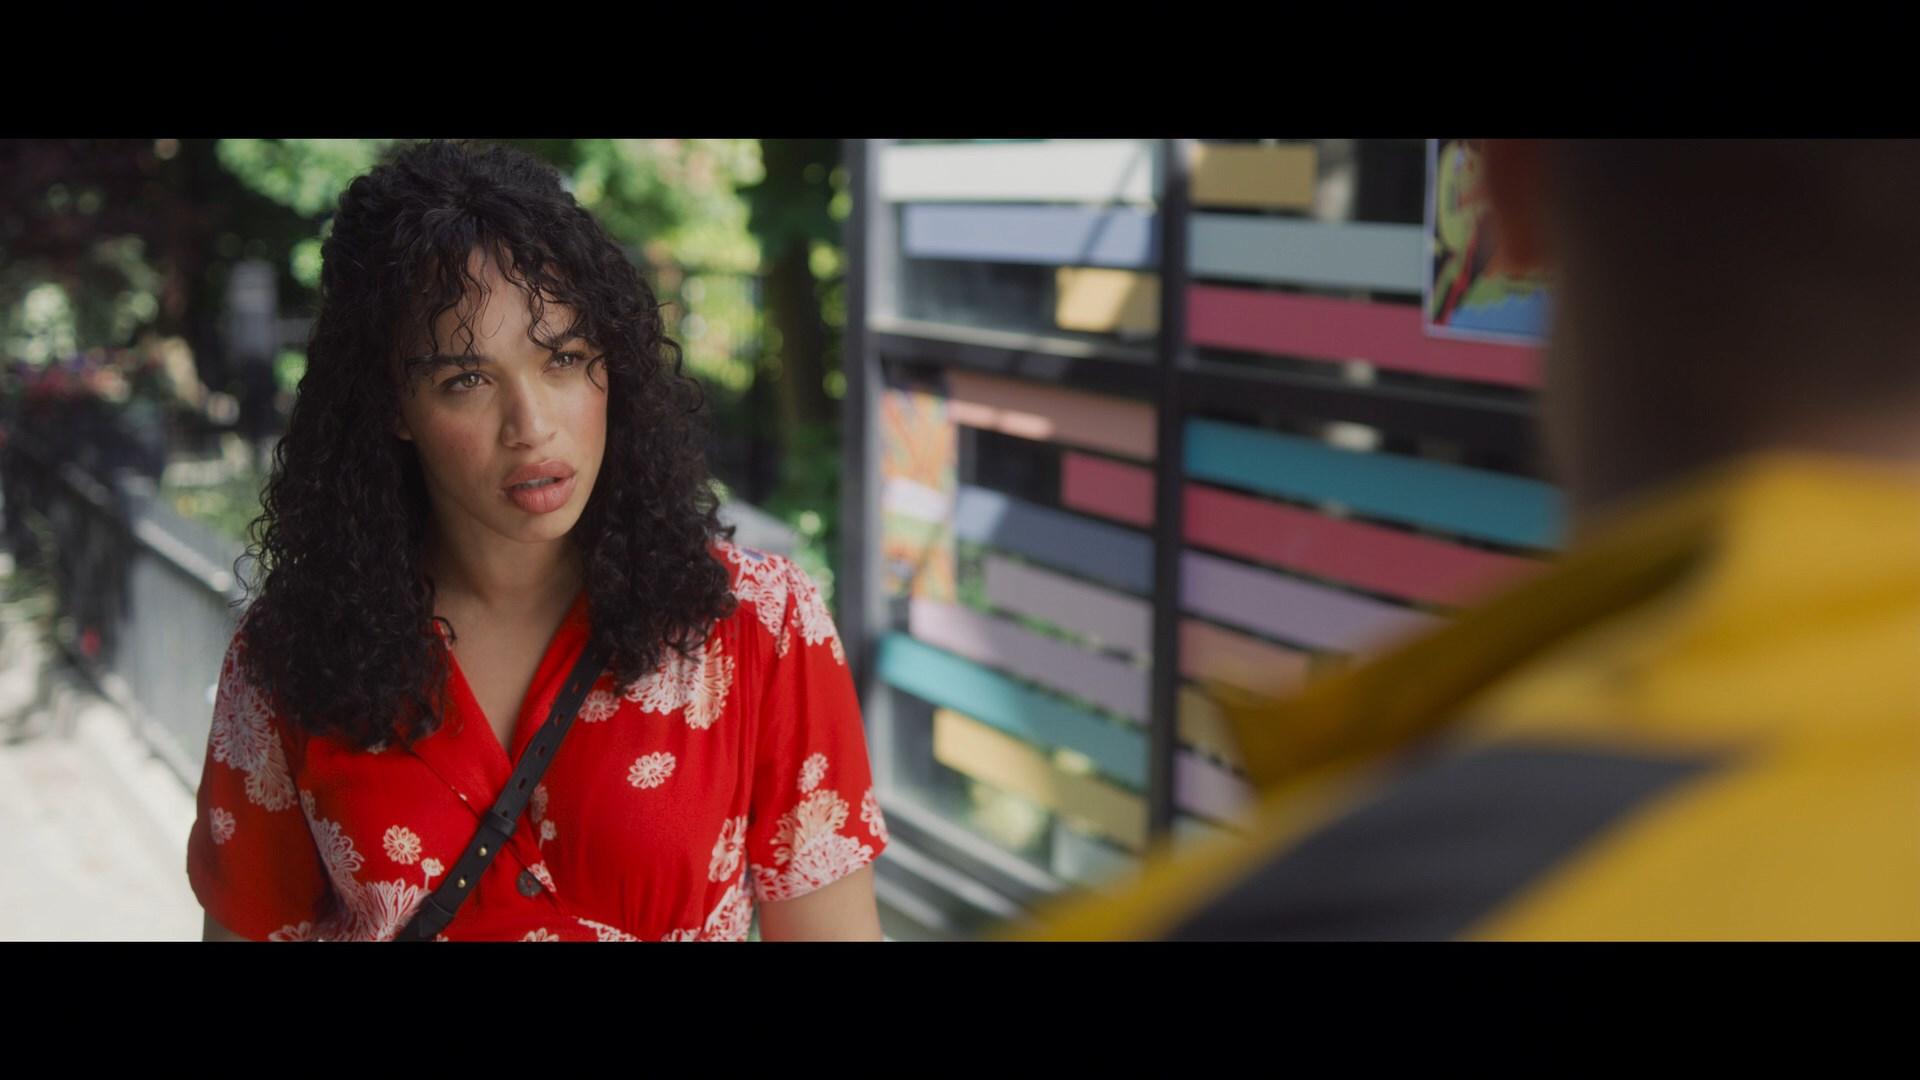 El Indicado (2021) 1080p BRrip Latino